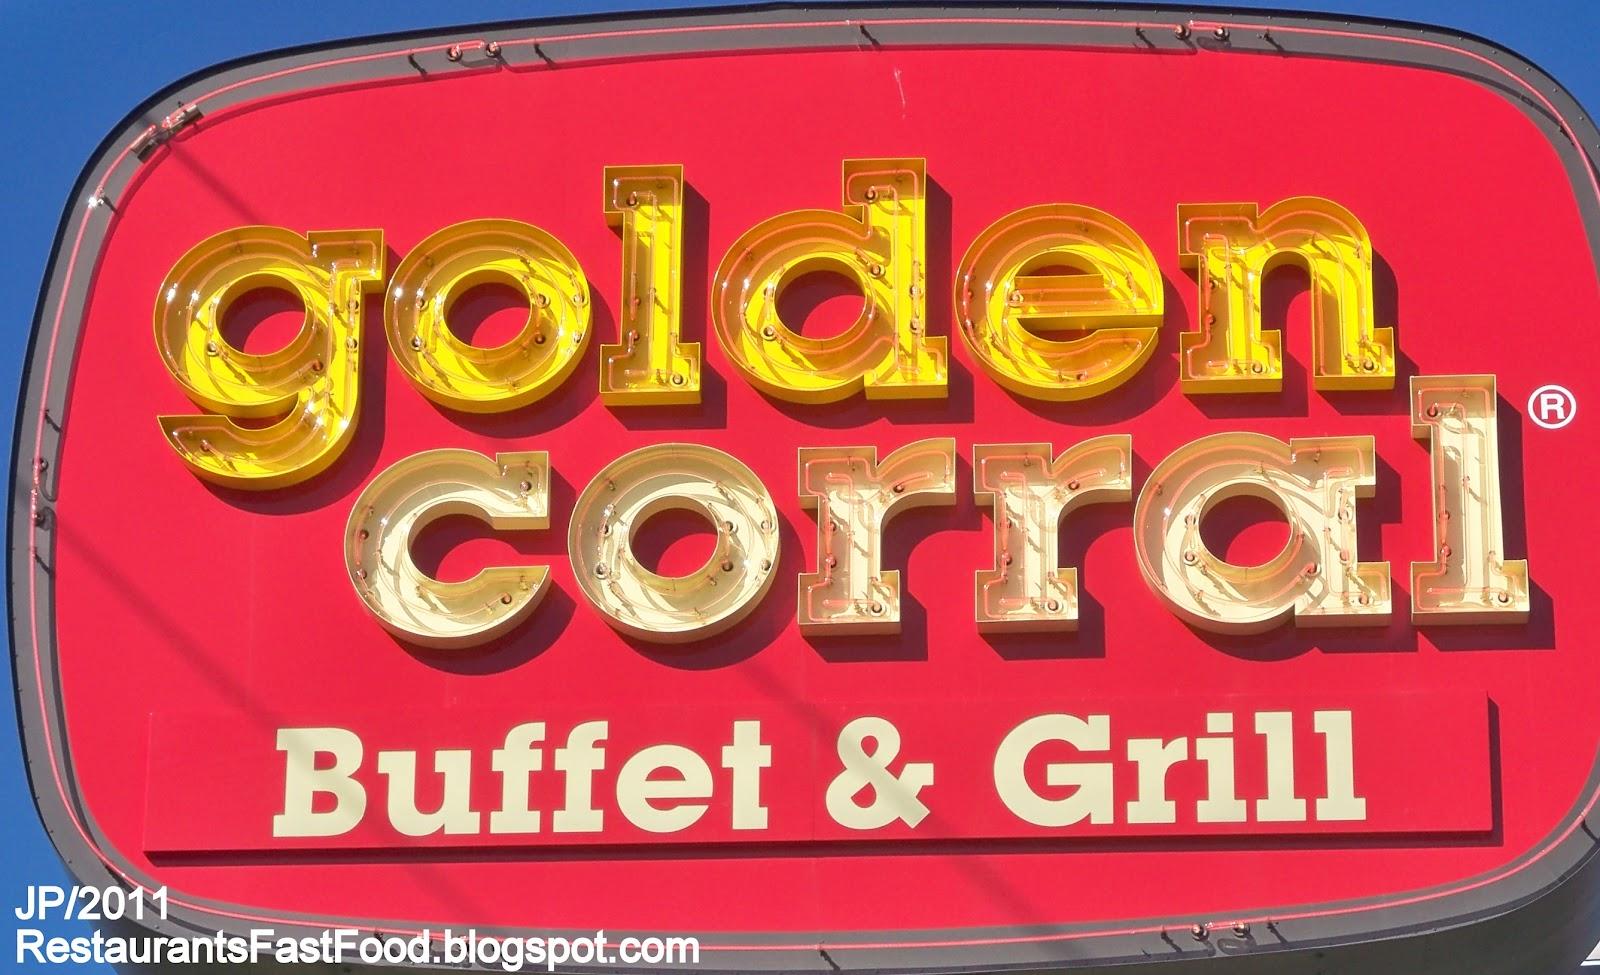 http://www.southwesttimes.com/wp-content/uploads/2015/01/Golden-Corral-sign.jpg|http://2.bp.blogspot.com/-R50d513J8Ms/UwOb-G1_6EI/AAAAAAAGg6A/s7SG0121UpE/s1600/GOLDEN+CORRAL+Milledgeville+Georgia+Interior+Dessert+Bar,+Golden+Corral+Buffet+Grill+Restaurant+All+You+Can+Eat.JPG|https://cdn20.patchcdn.com/users/22729282/20161011/091026/styles/T600x450/public/article_images/corrall-1476191088-6390.jpg|https://www.elitereaders.com/wp-content/uploads/2015/02/golden-corral-1.jpg?x28005